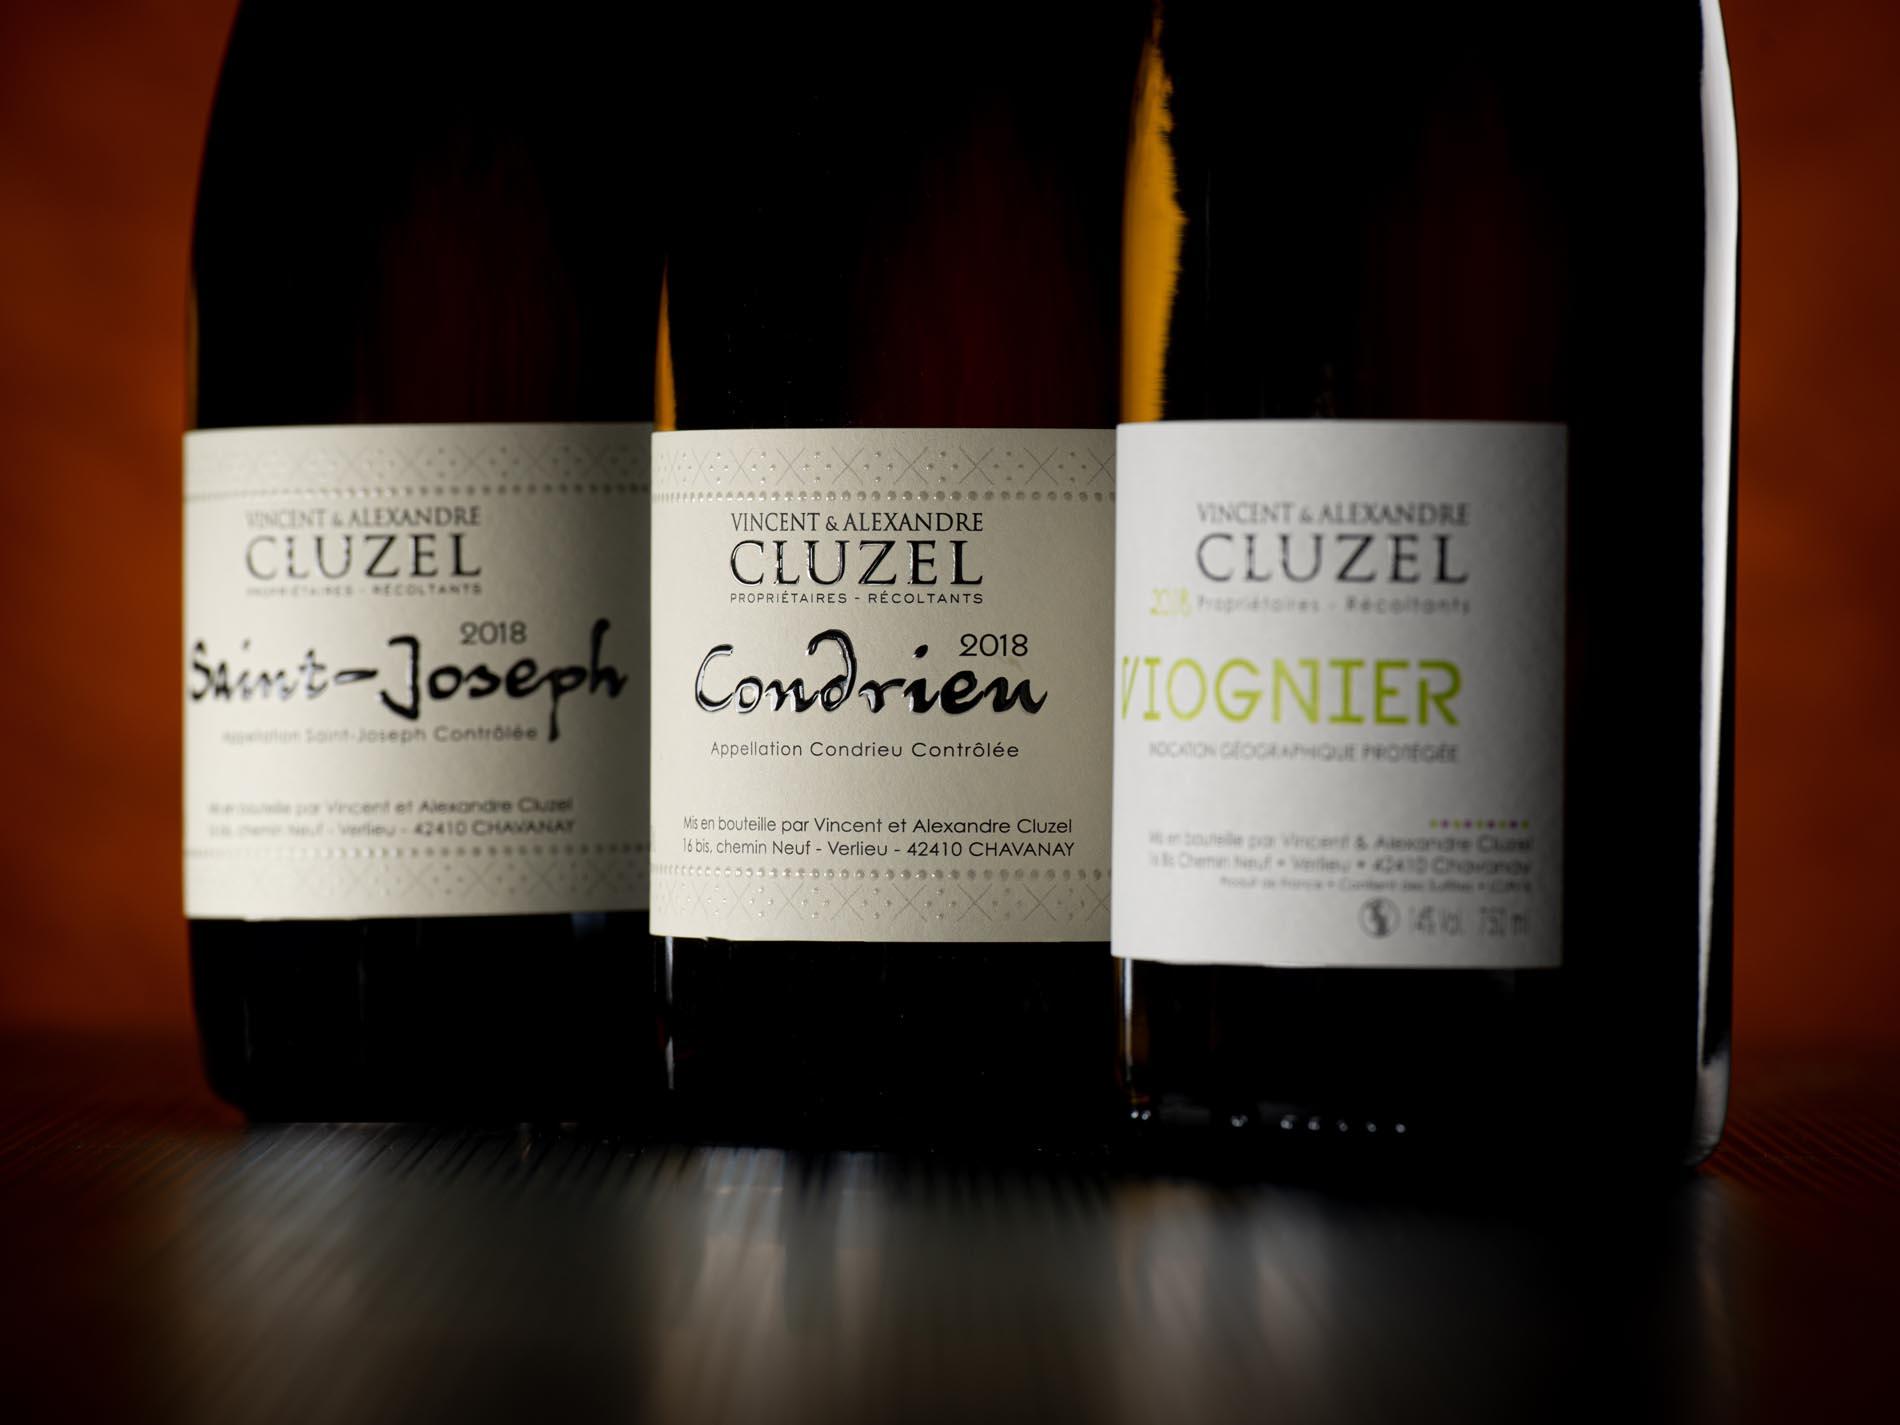 Photo bouteille au studio domaine vinicole Chavanay Loire